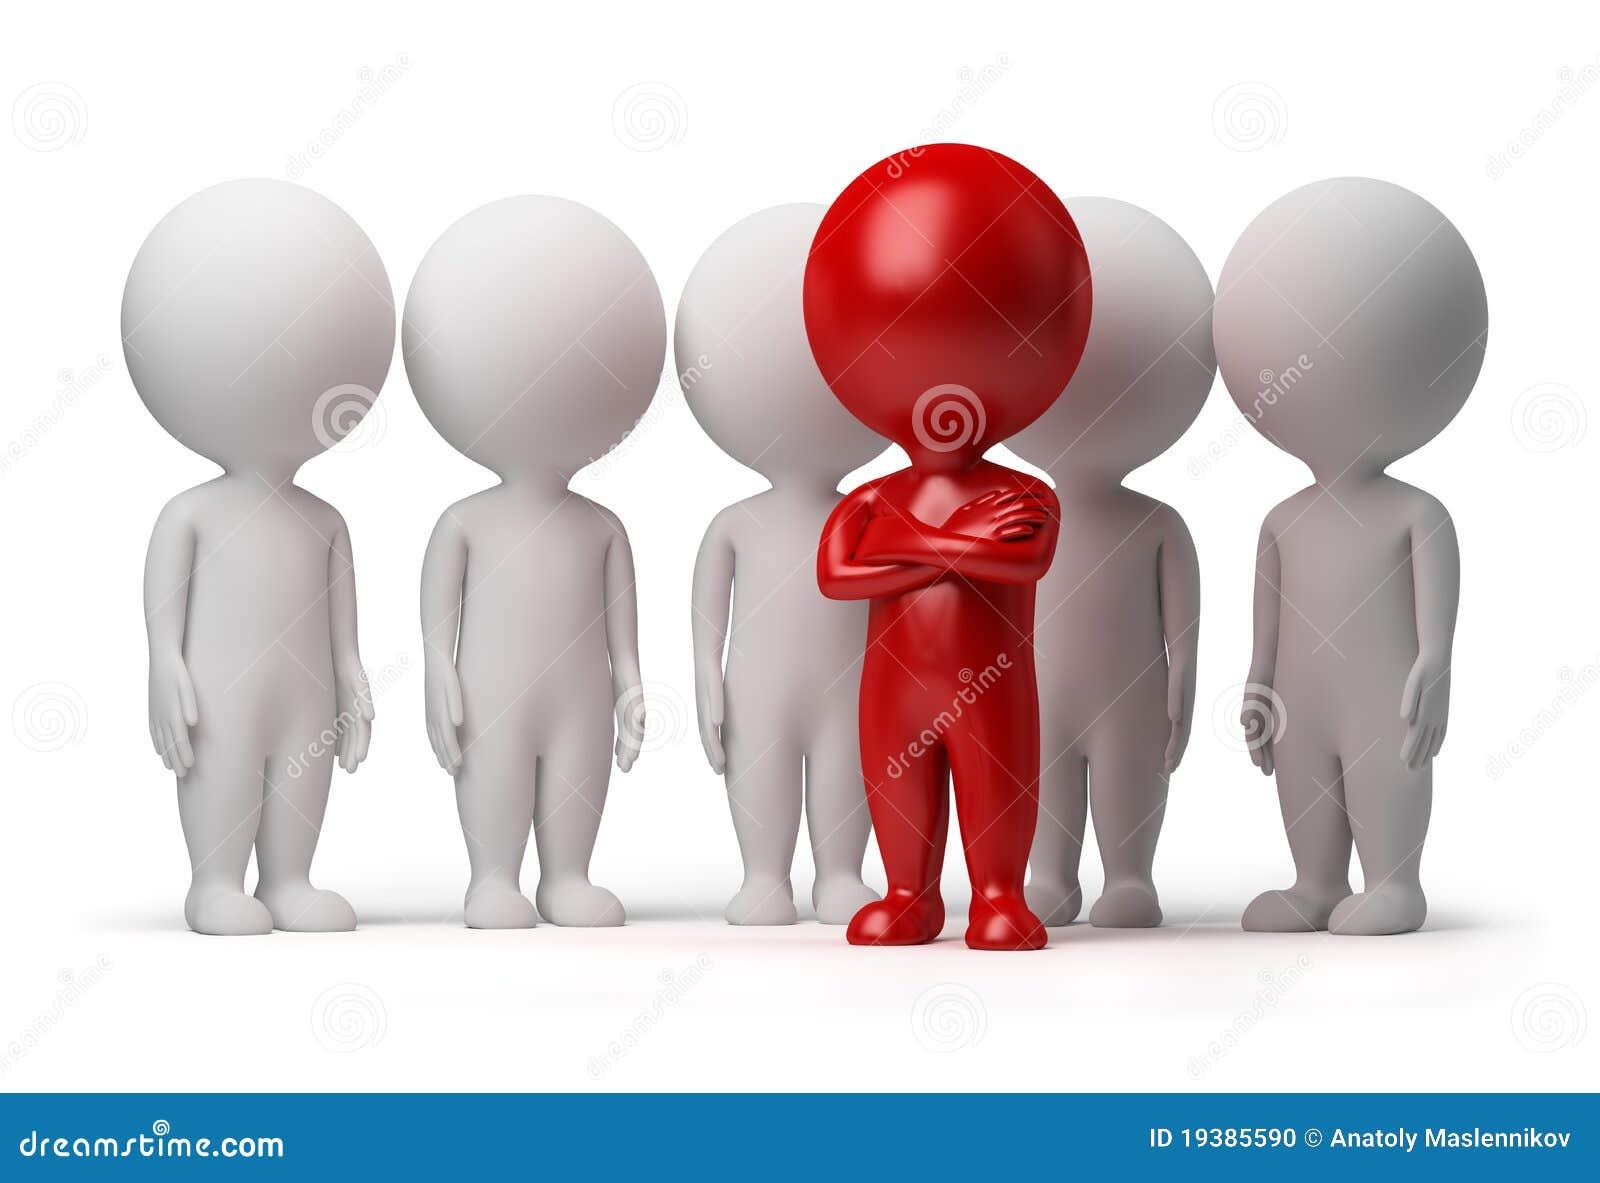 bpo team leader resume cover letter team leader call centre